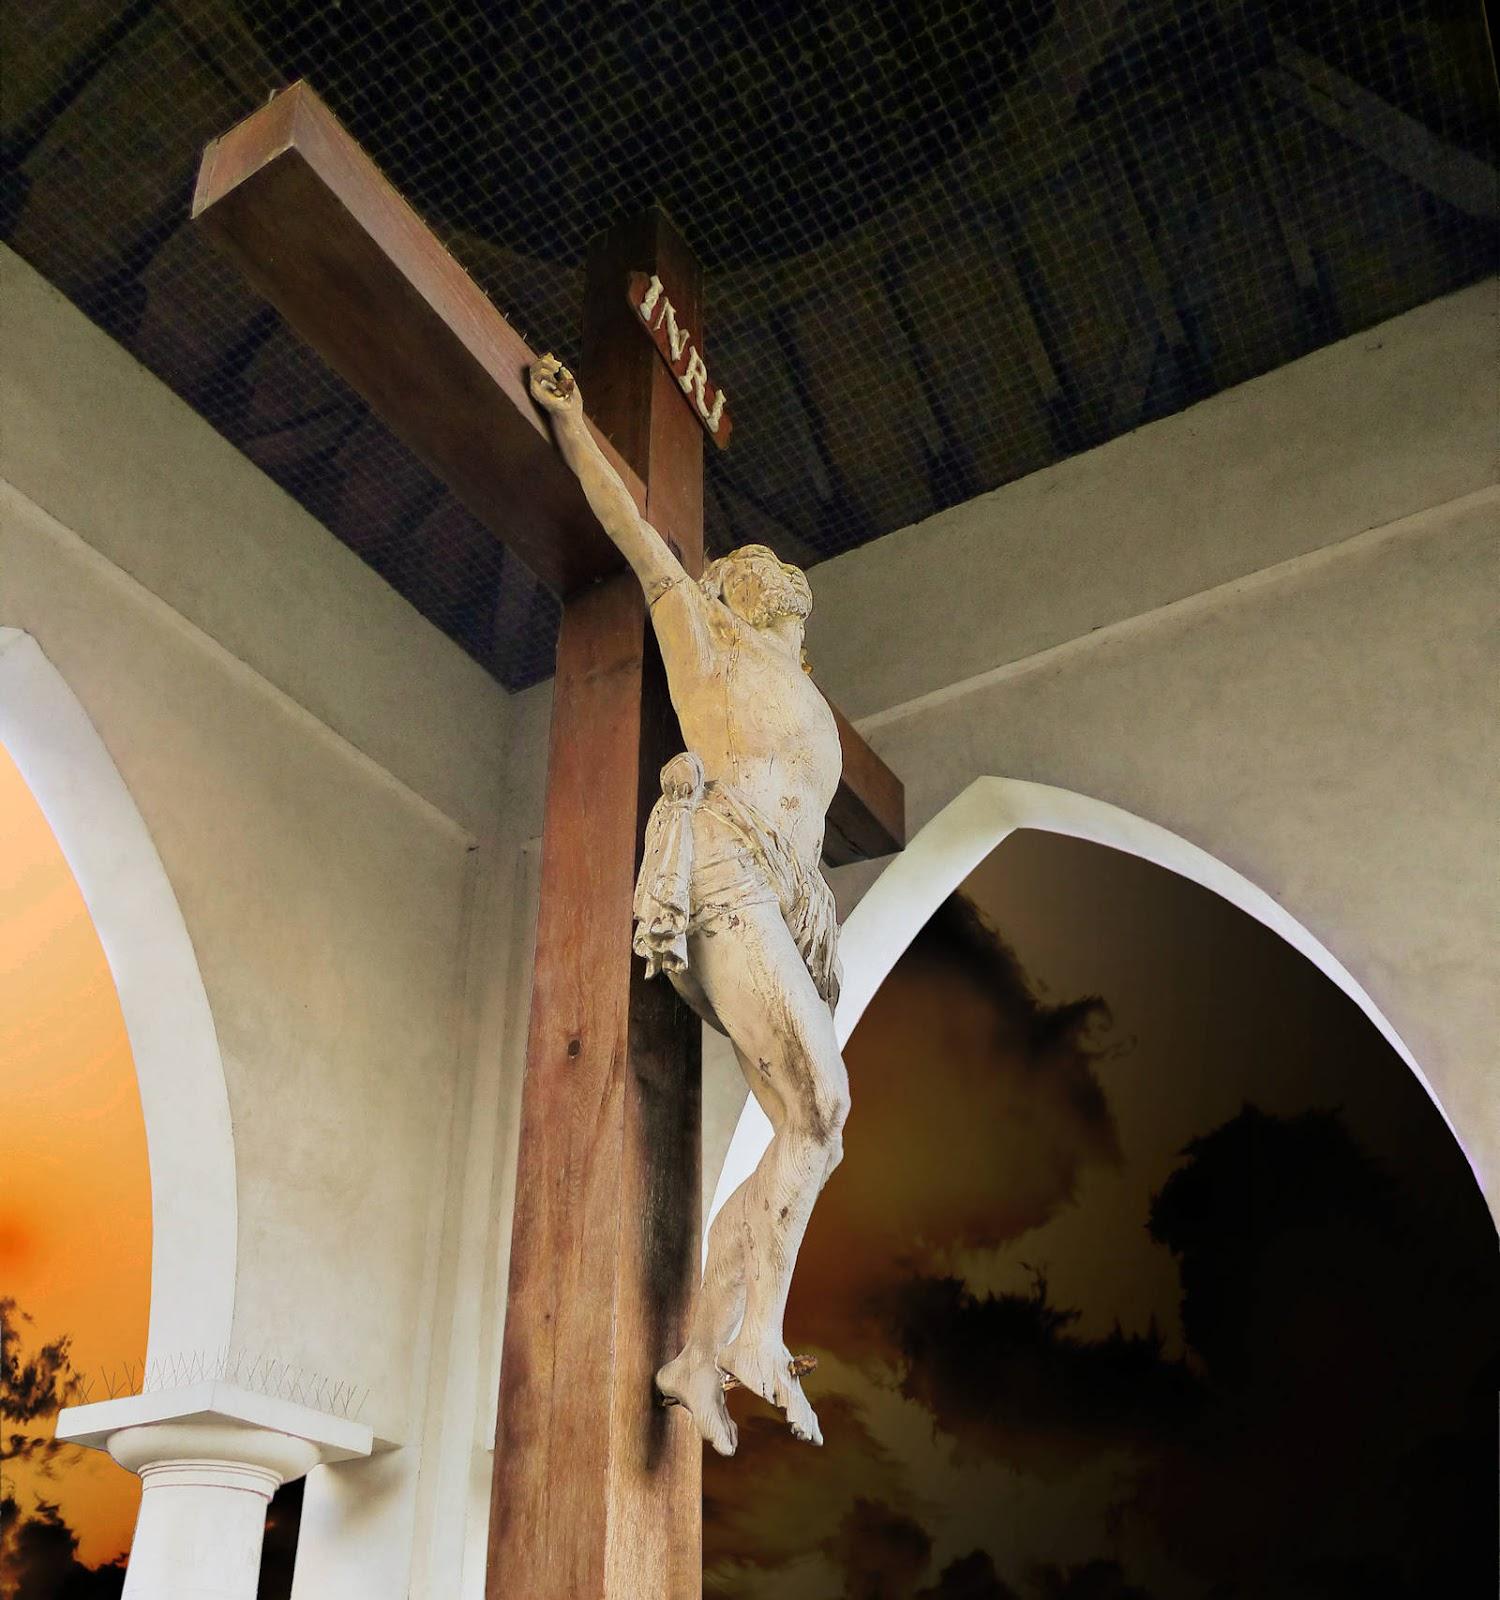 Jésus sur la croix dans le calvaire